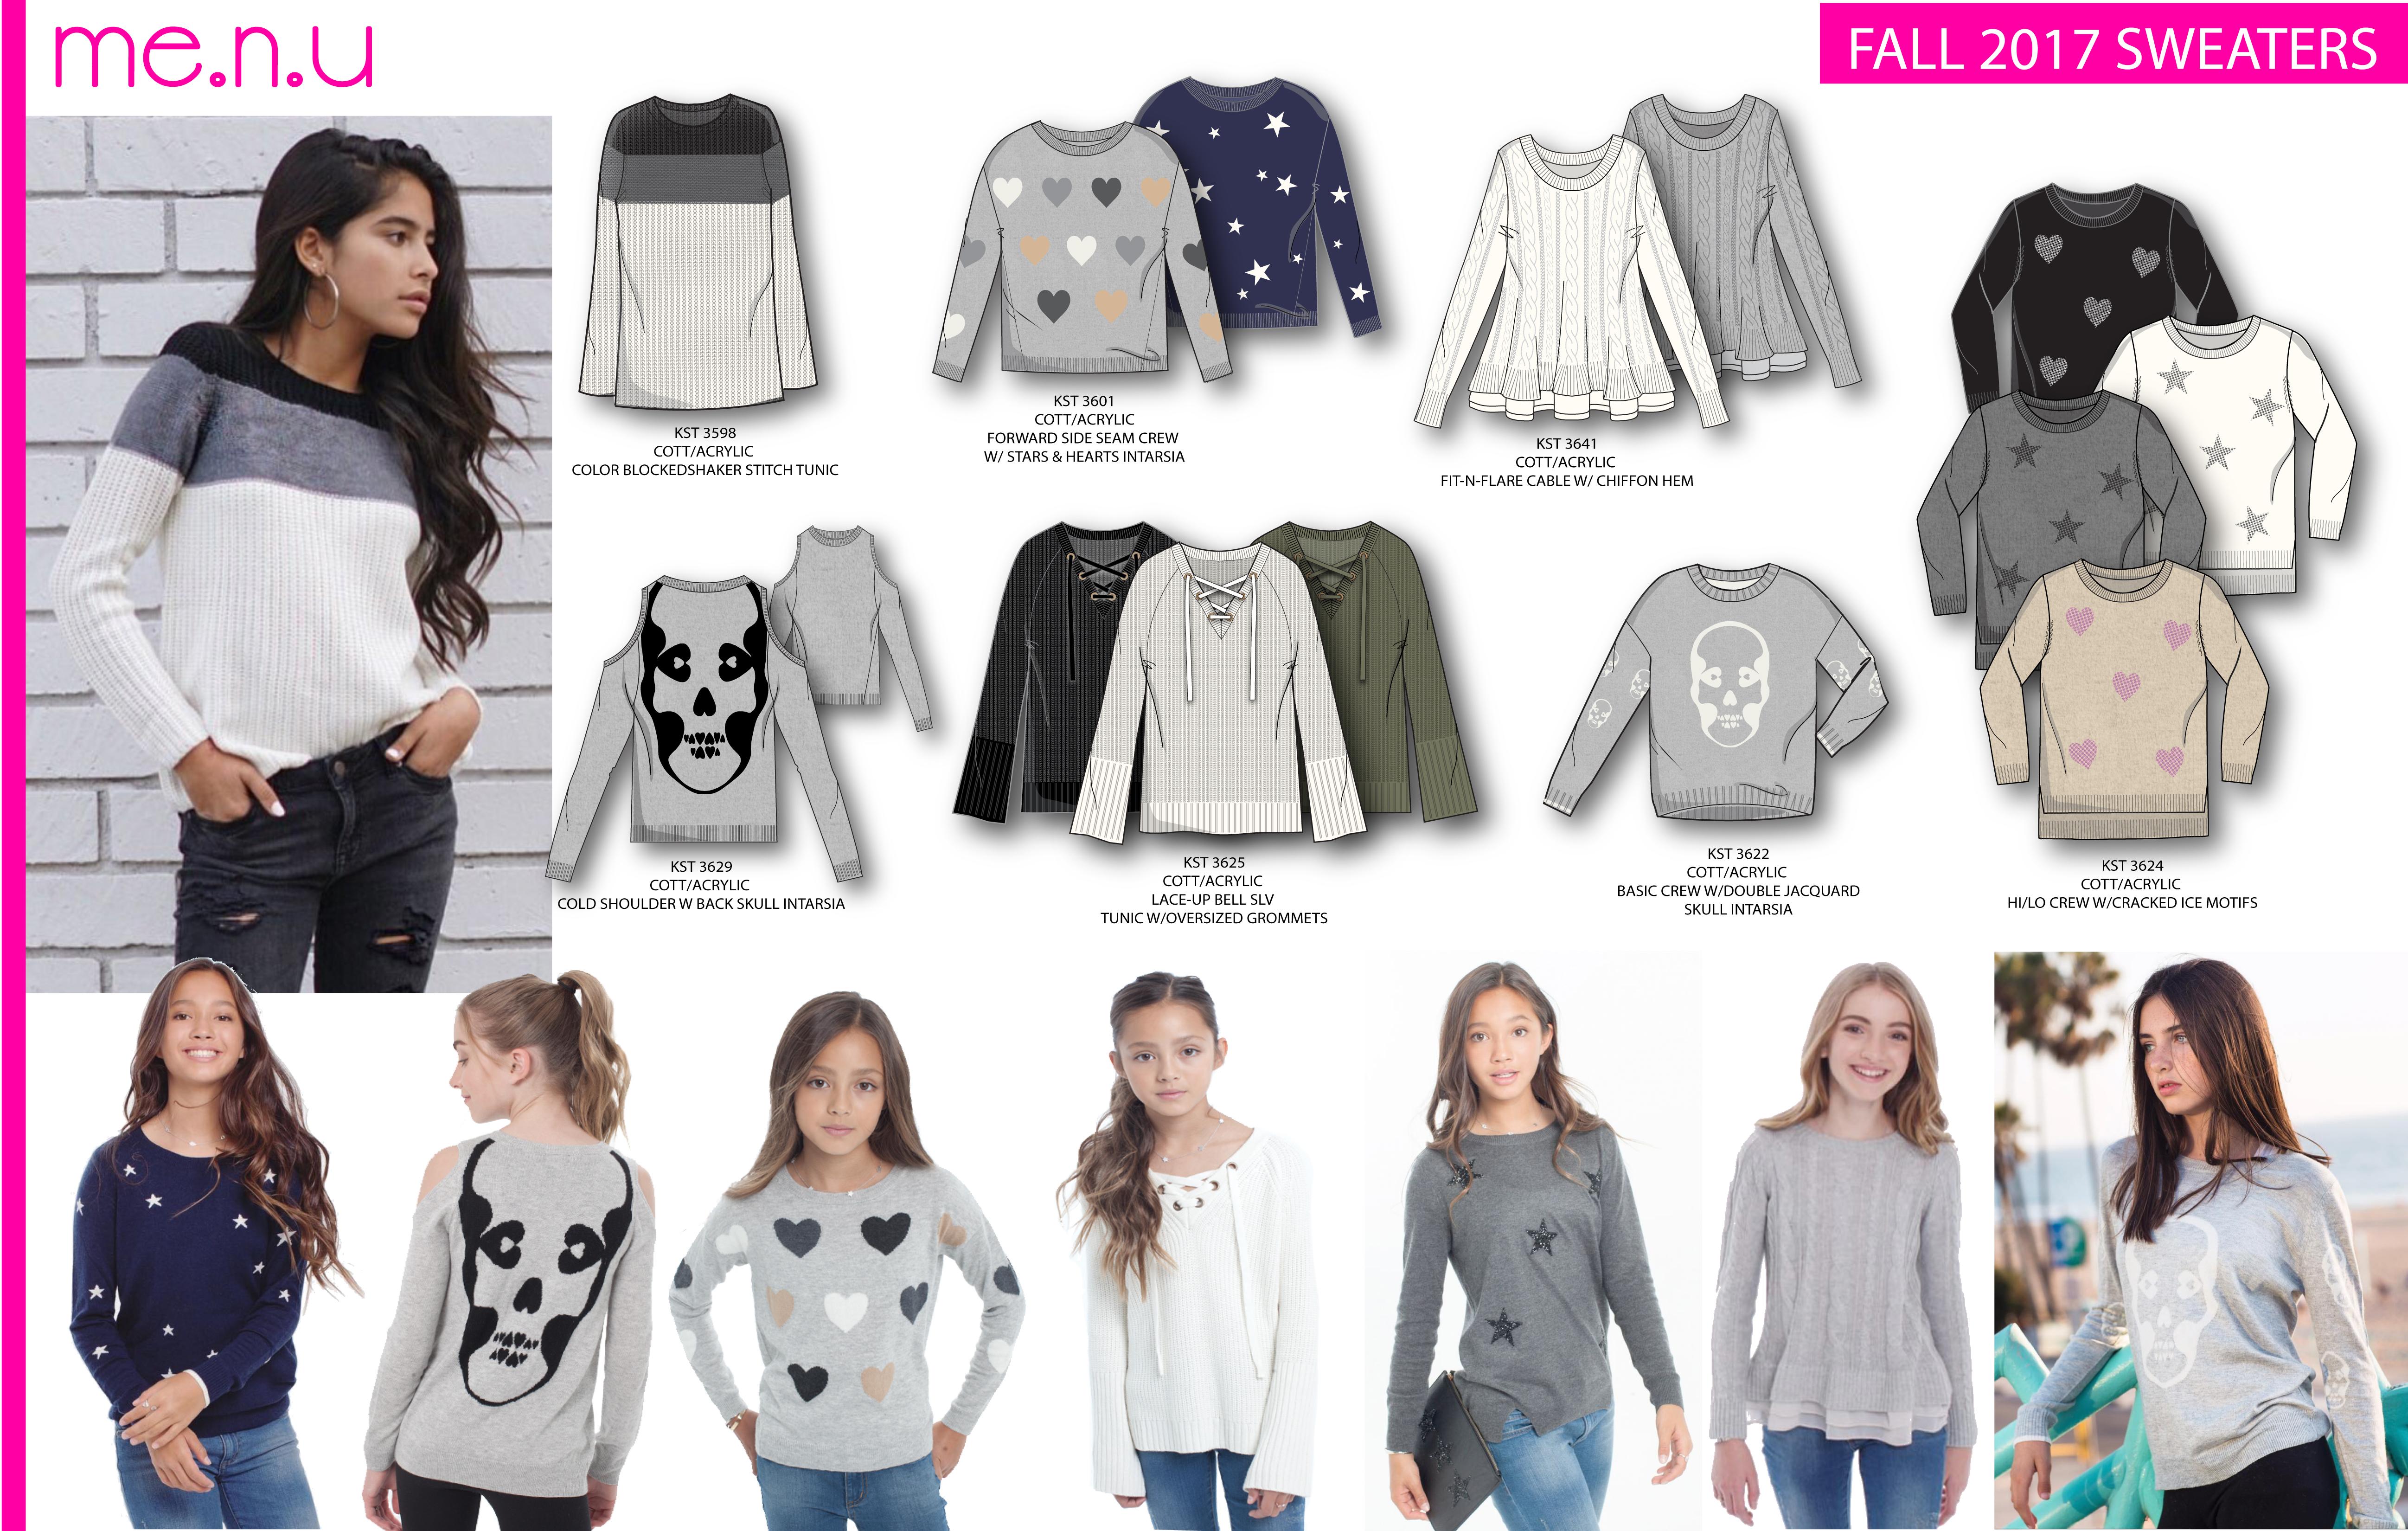 Me.n.u Fall 2017 Sweaters